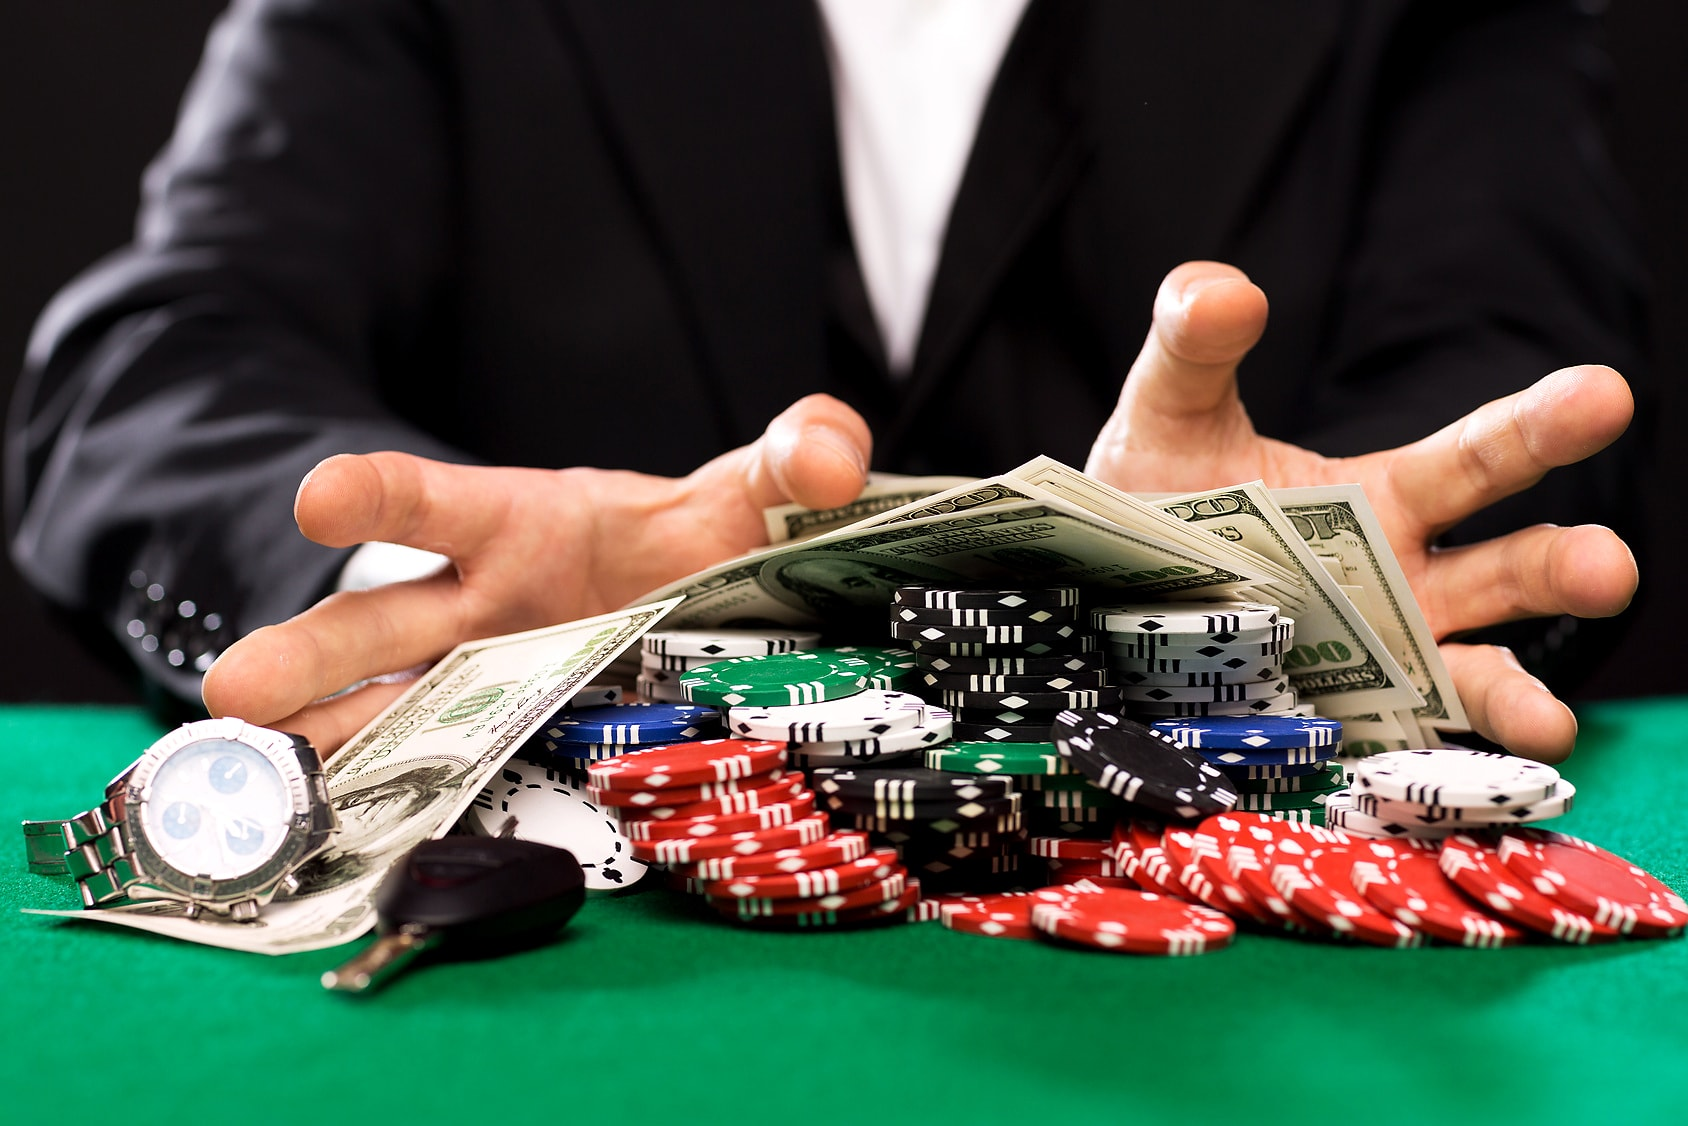 казино, игорные заведения, азартные игры, кодекс поведения, США